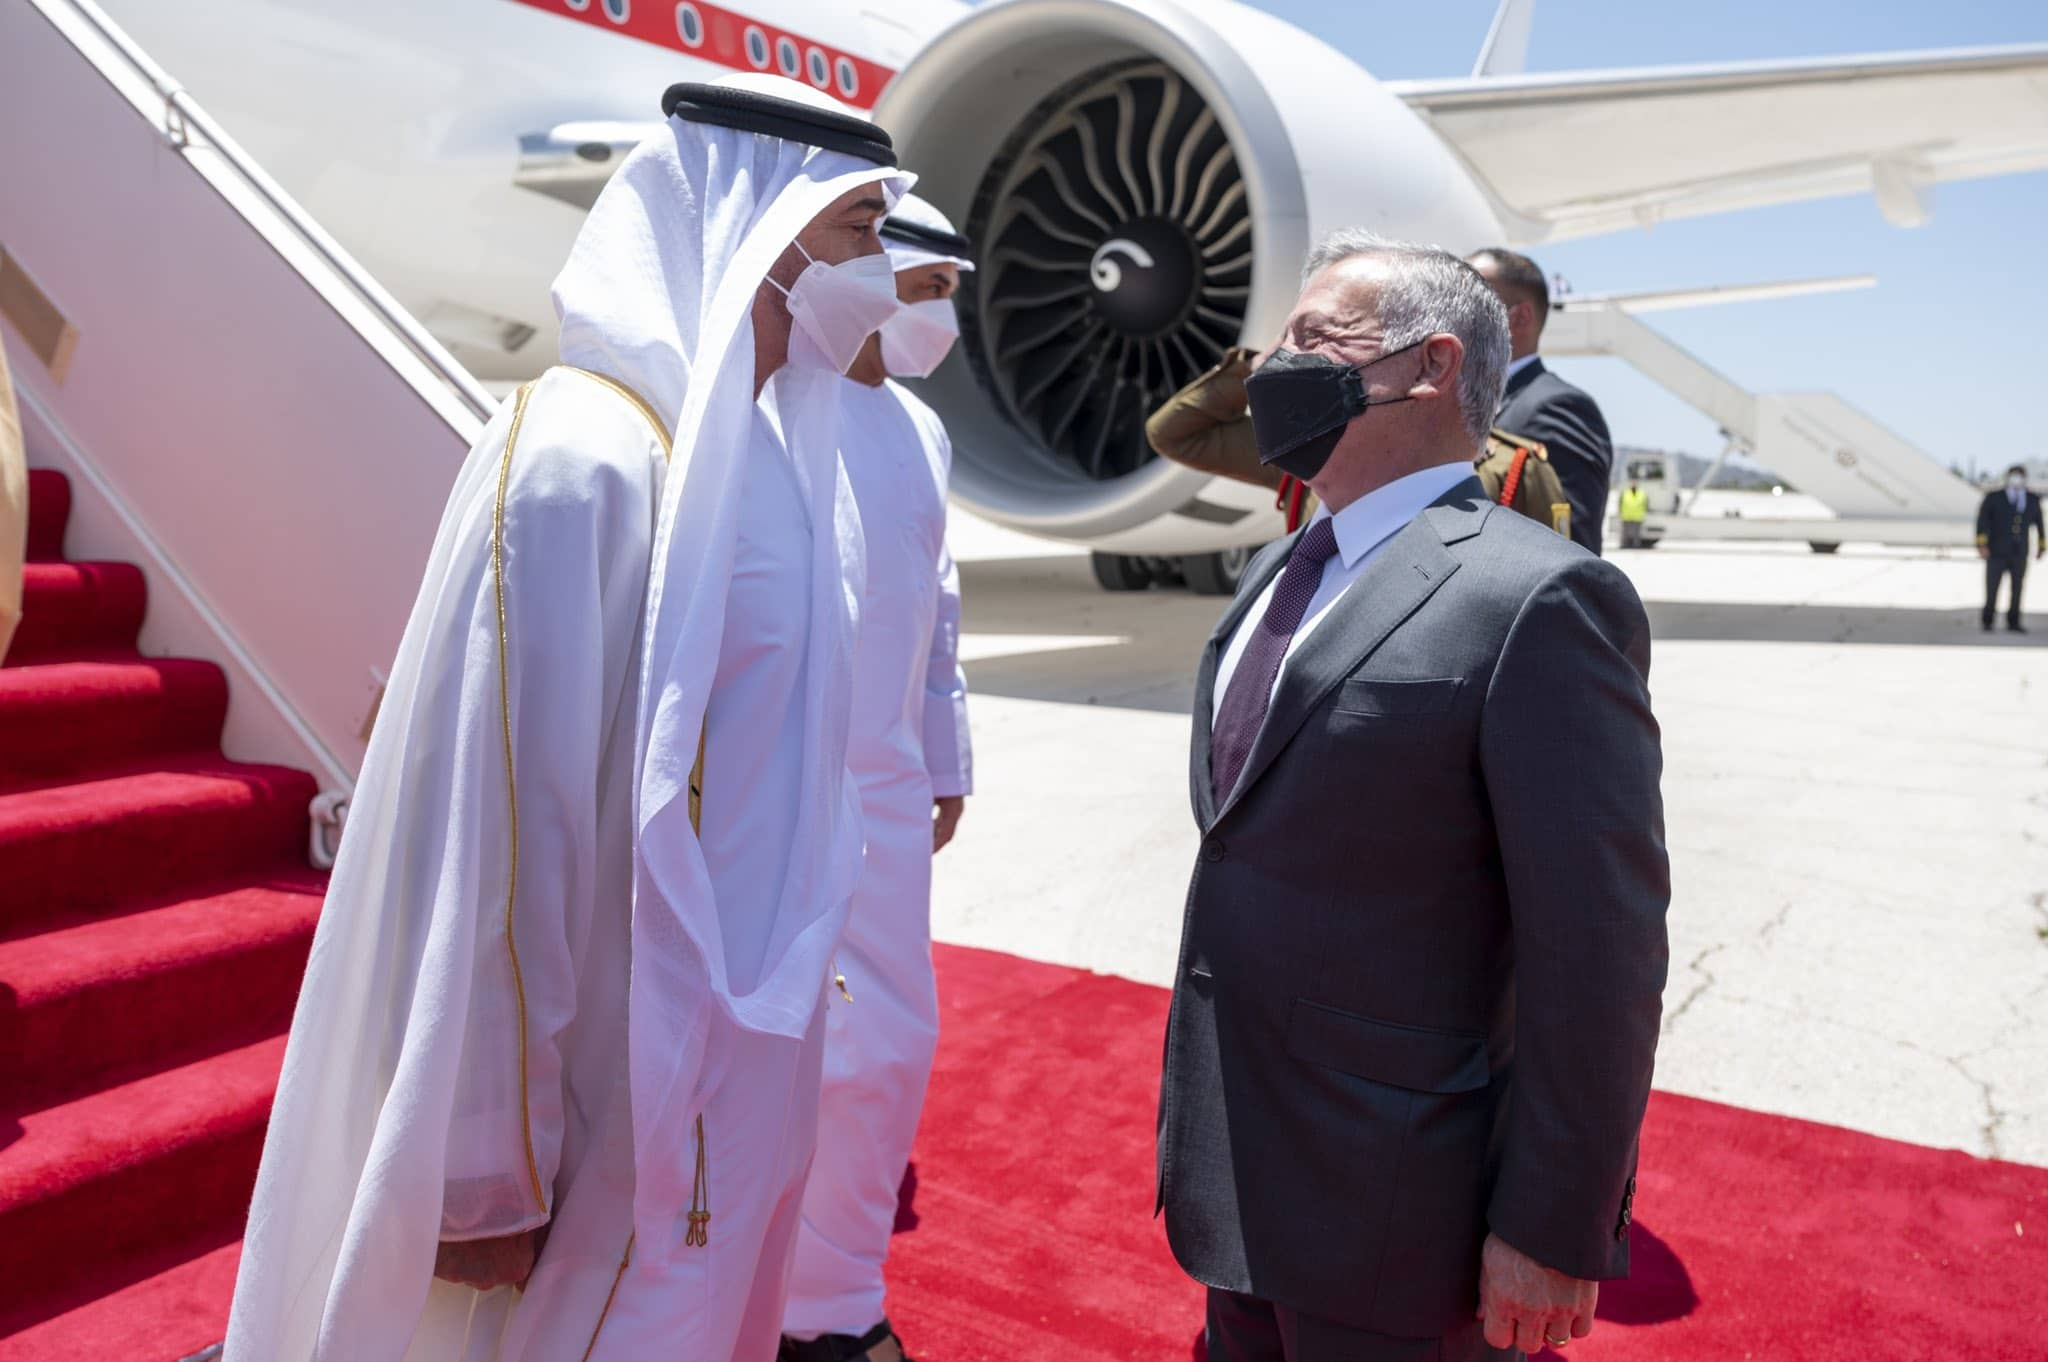 بعد تعمّق الخلاف بين الإمارات ومصر .. تقرير يكشف سر زيارة محمد بن زايد إلى الأردن